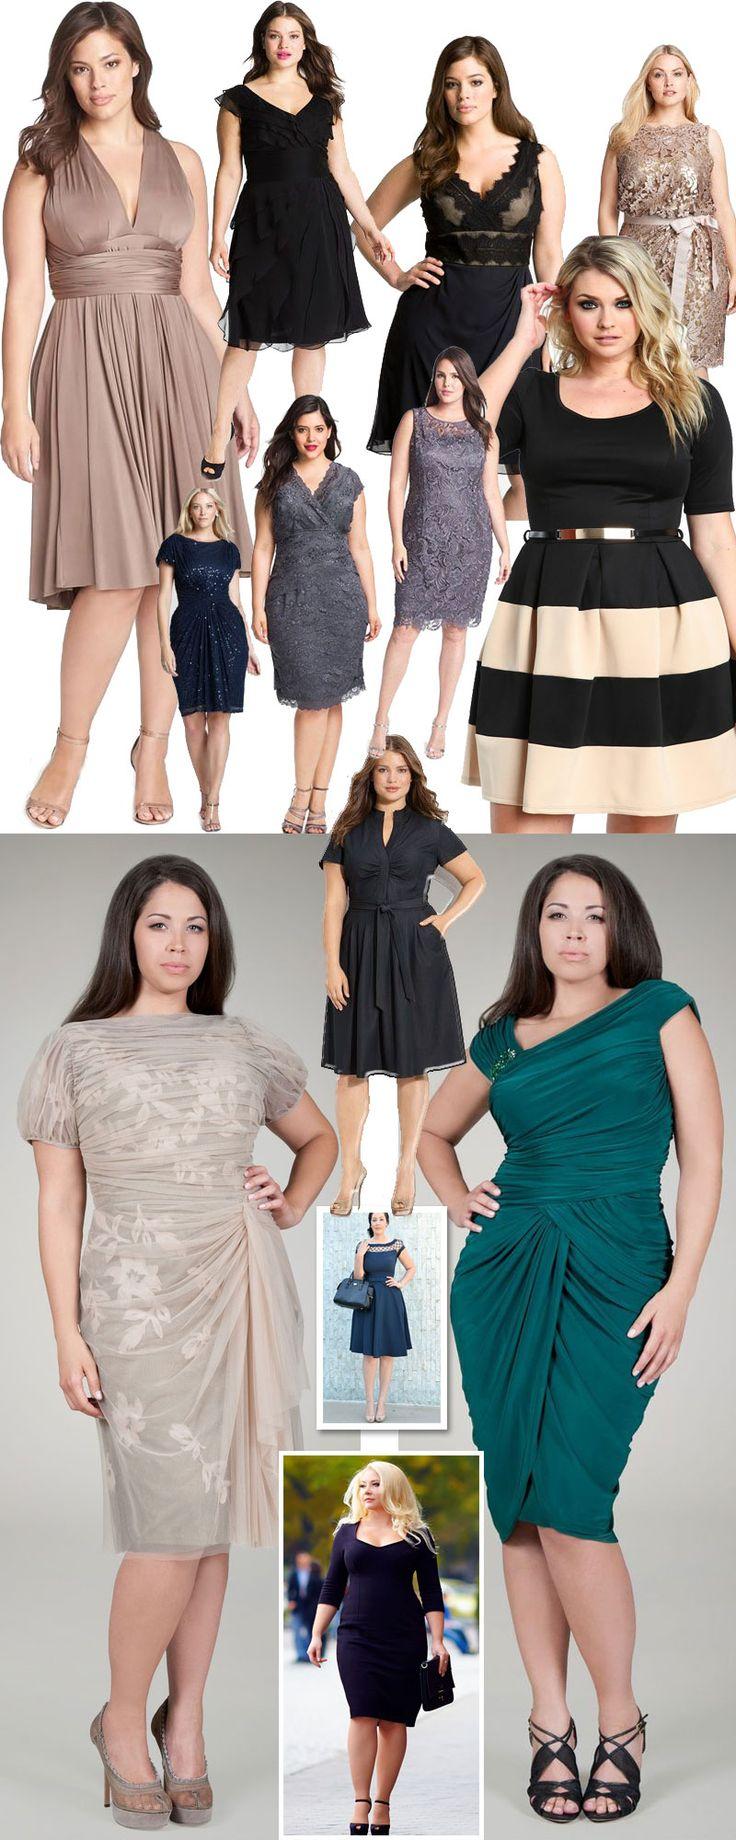 vestido-curto / Vestido plus size  #Dress